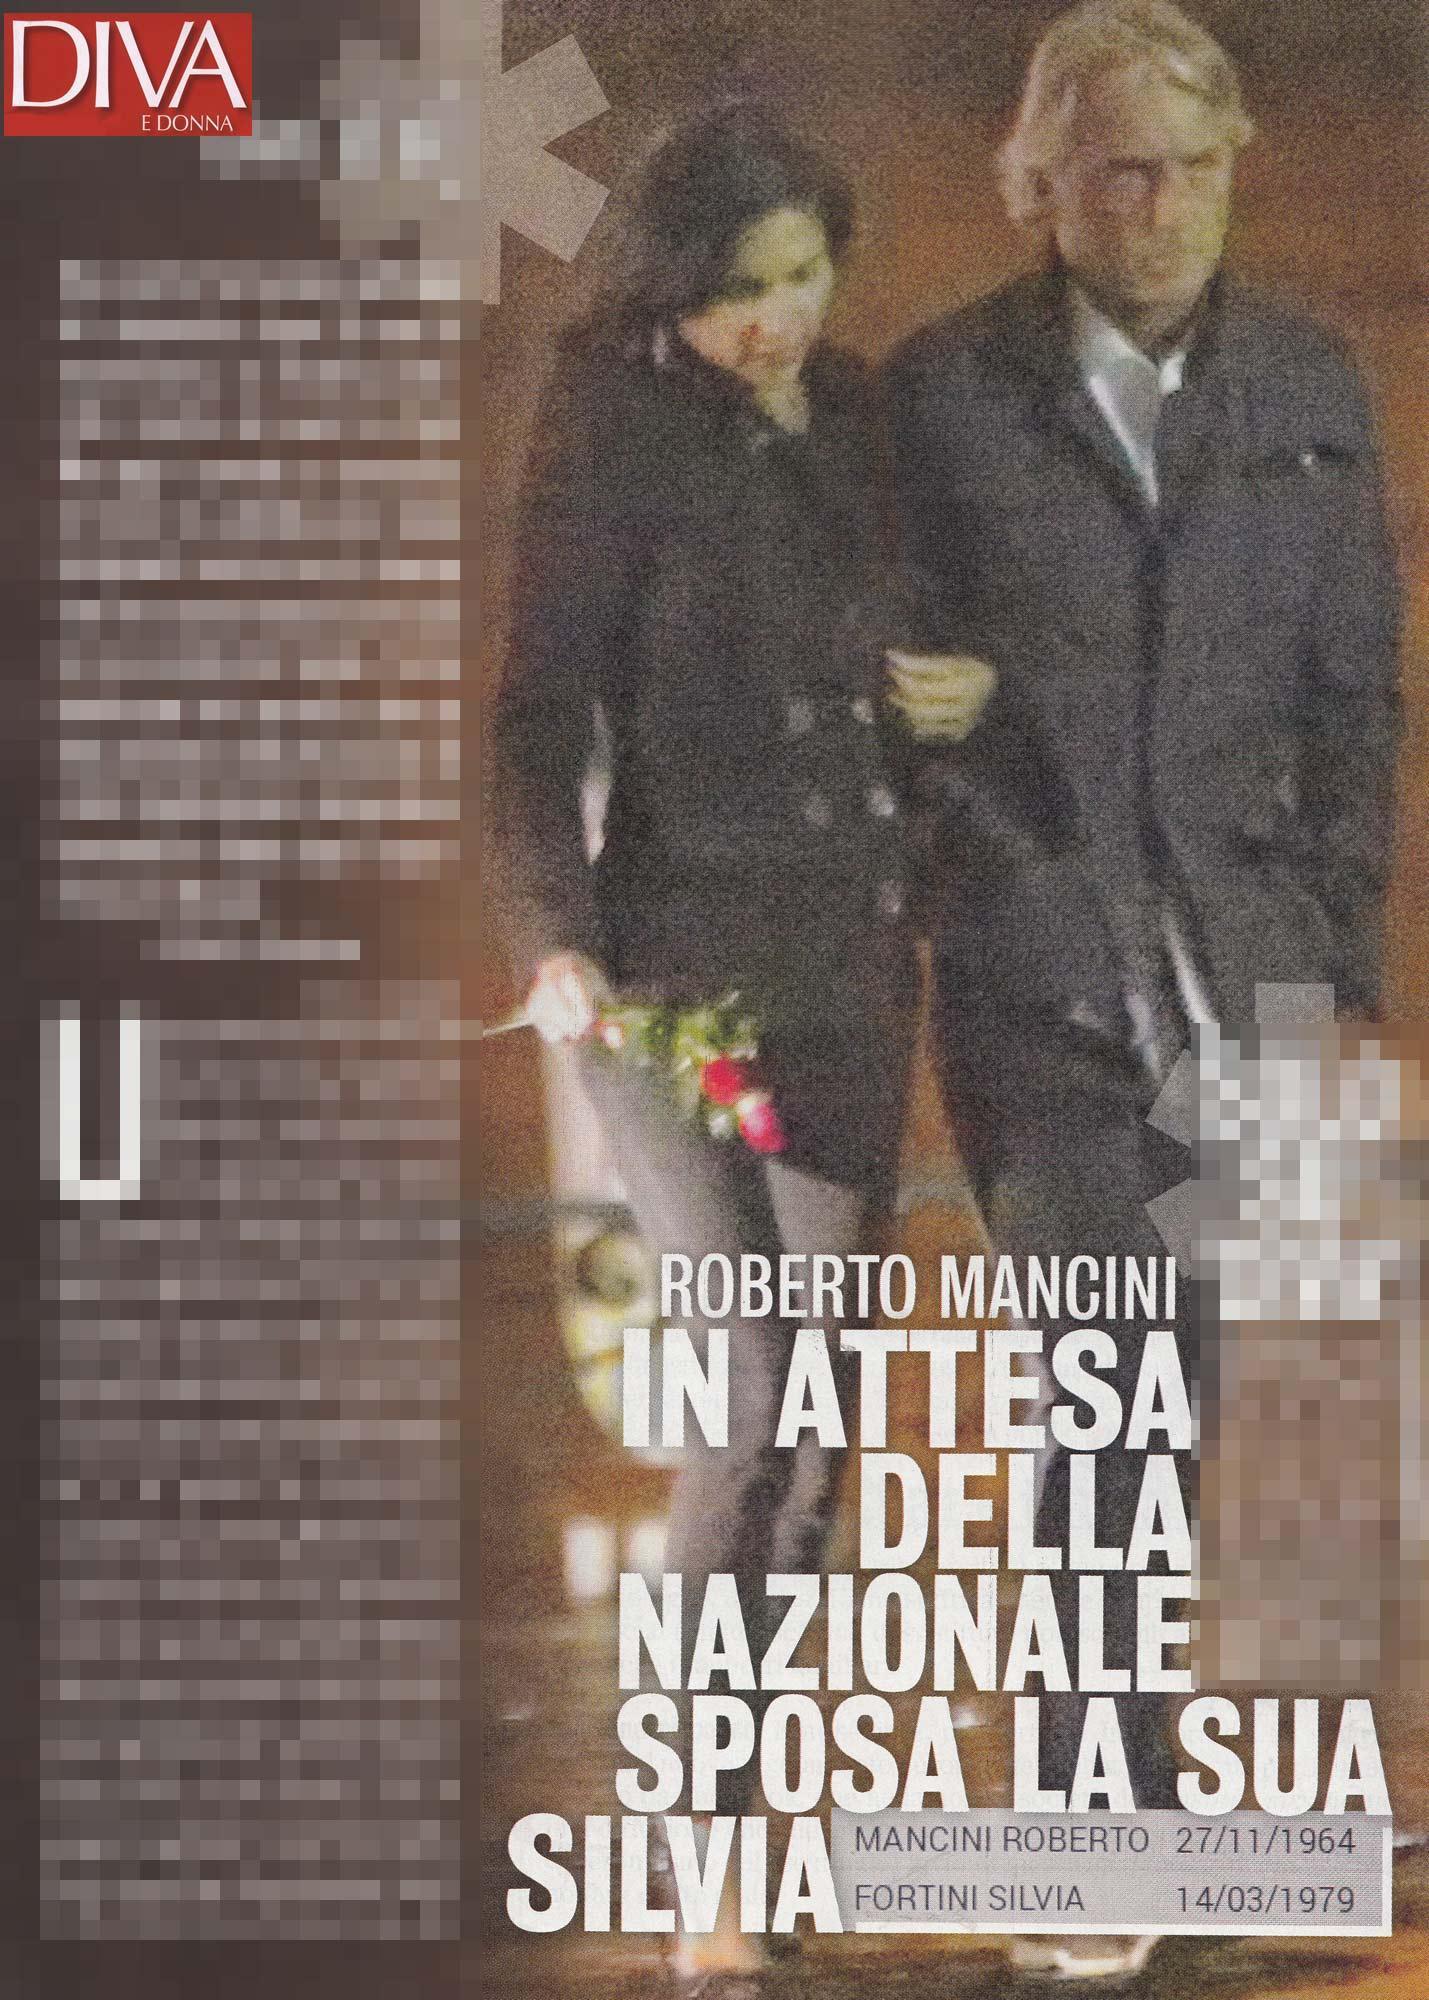 Roberto Mancini, in attesa della Nazionale il tecnico sposa la sua Silvia